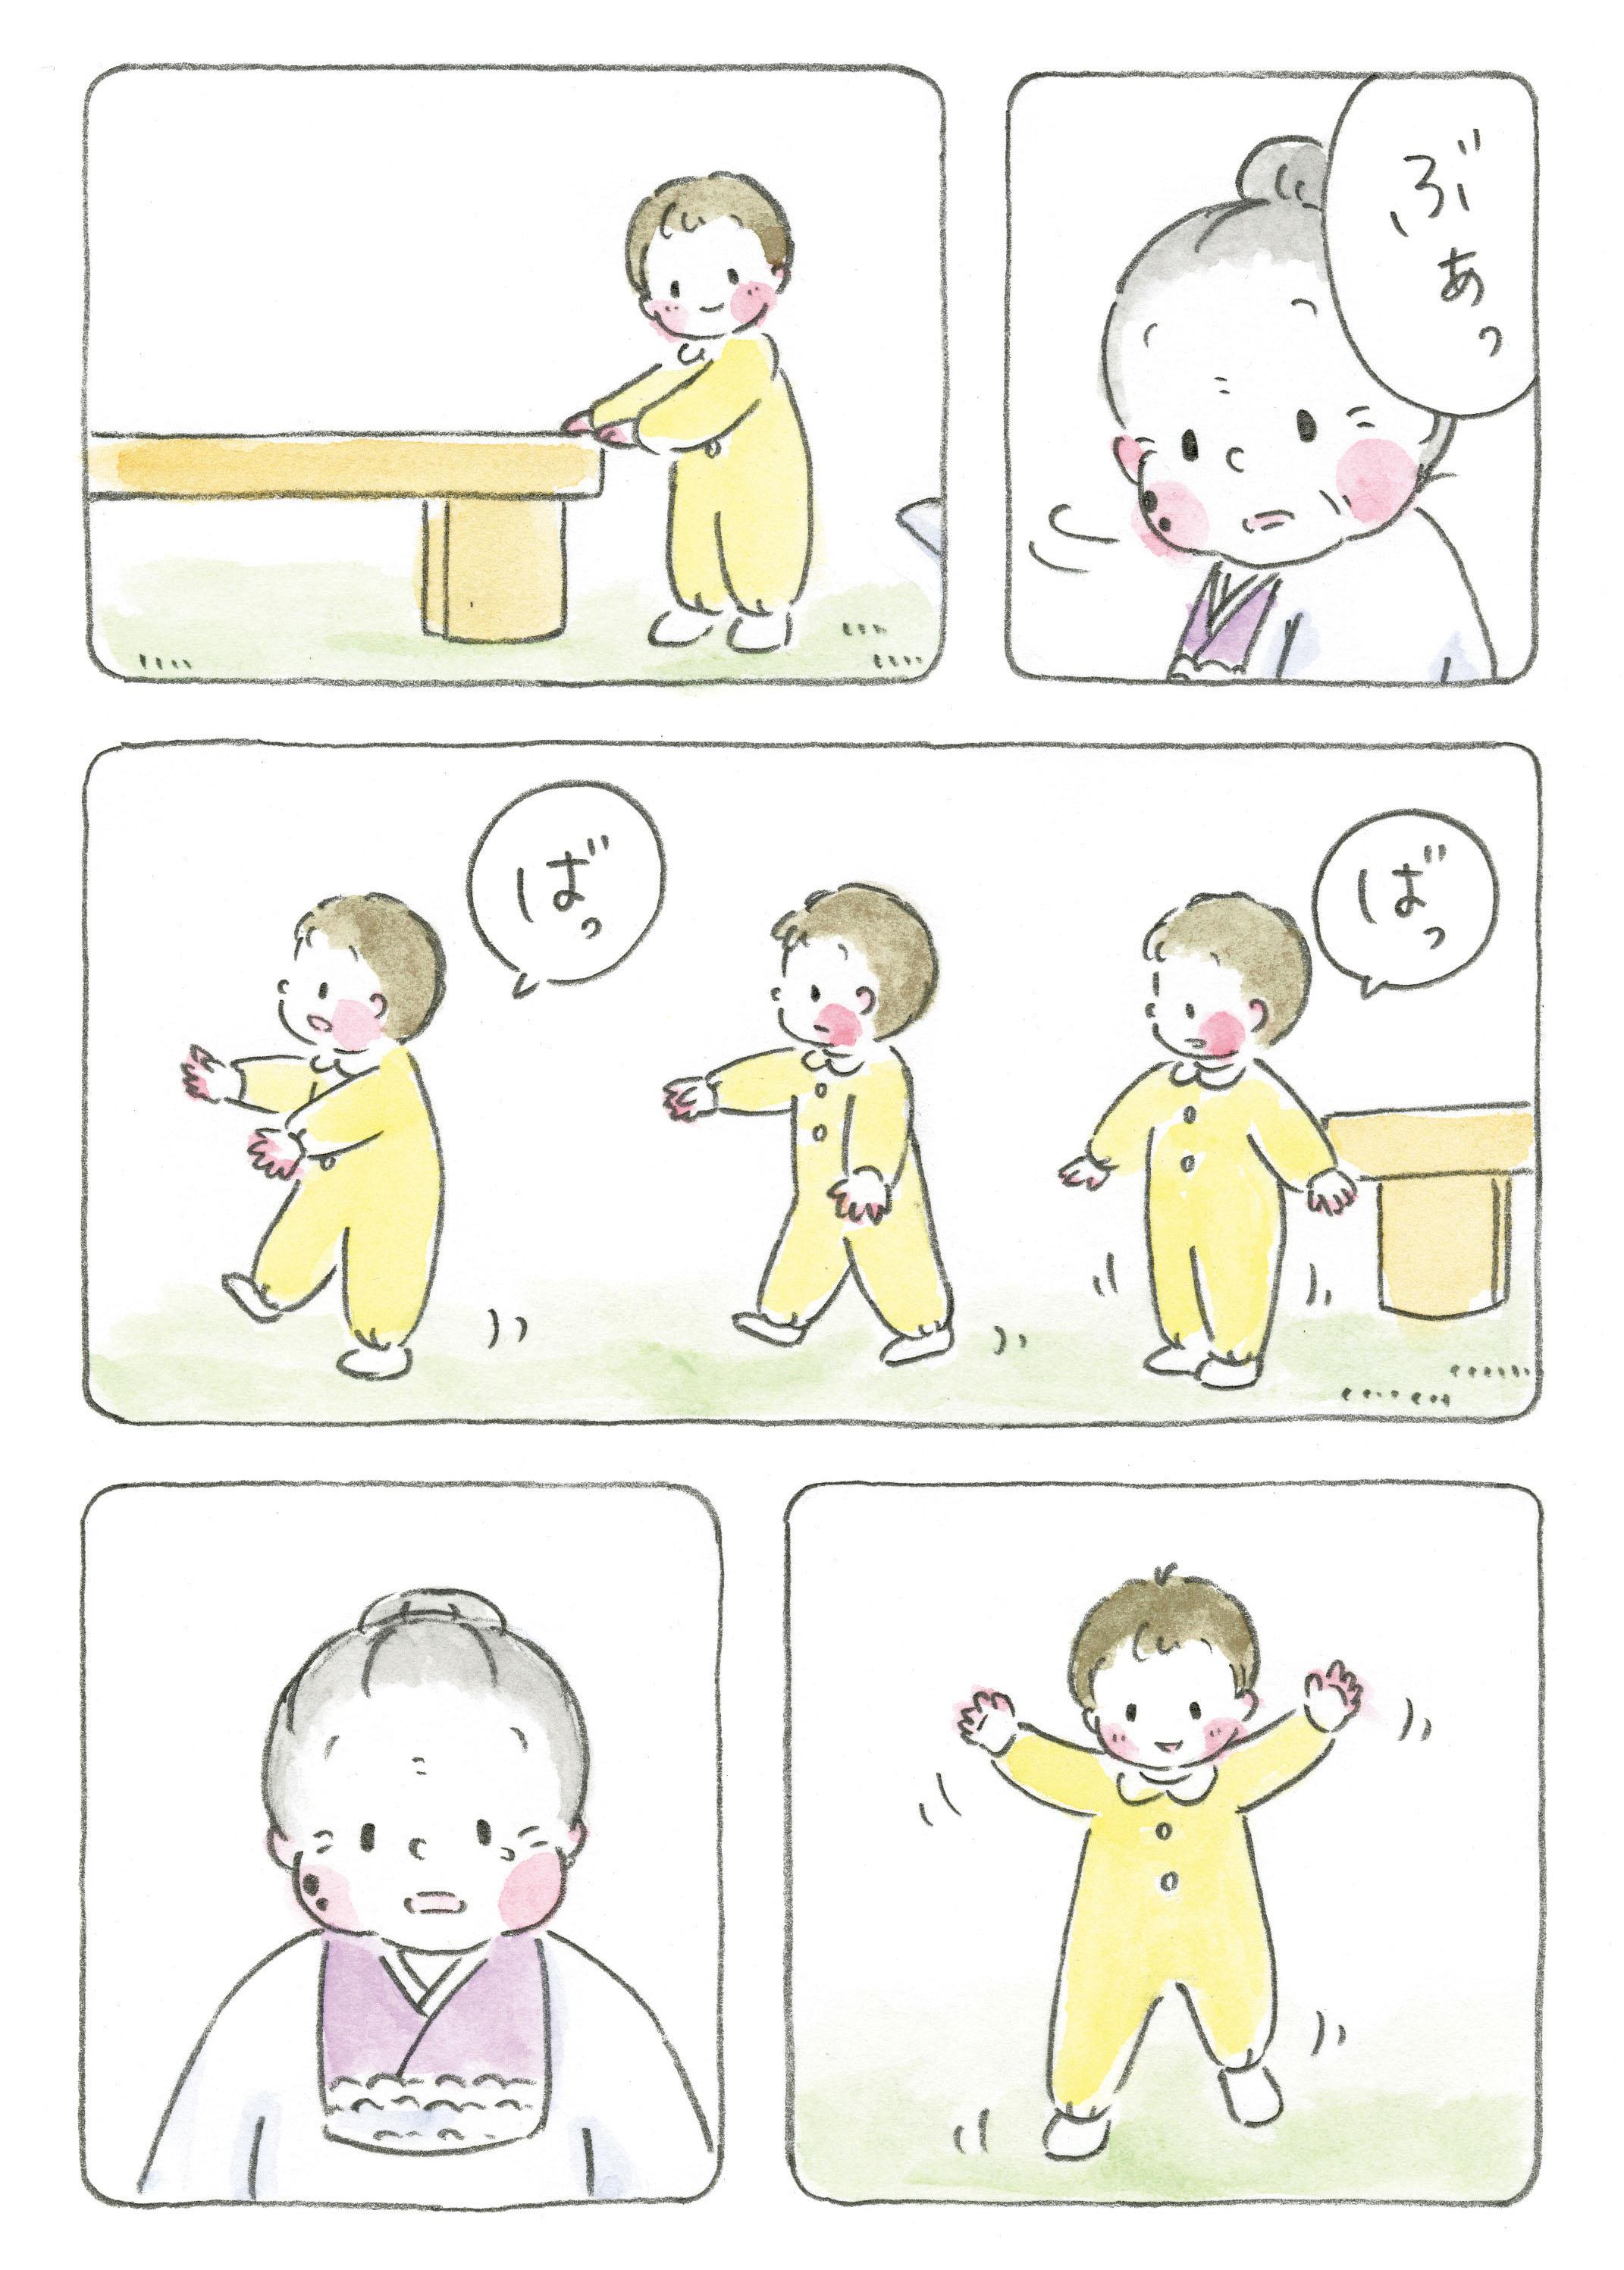 譴・&繧薙→蟆乗「・&繧点2逕サ蜒・umesan_2_P129.jpg